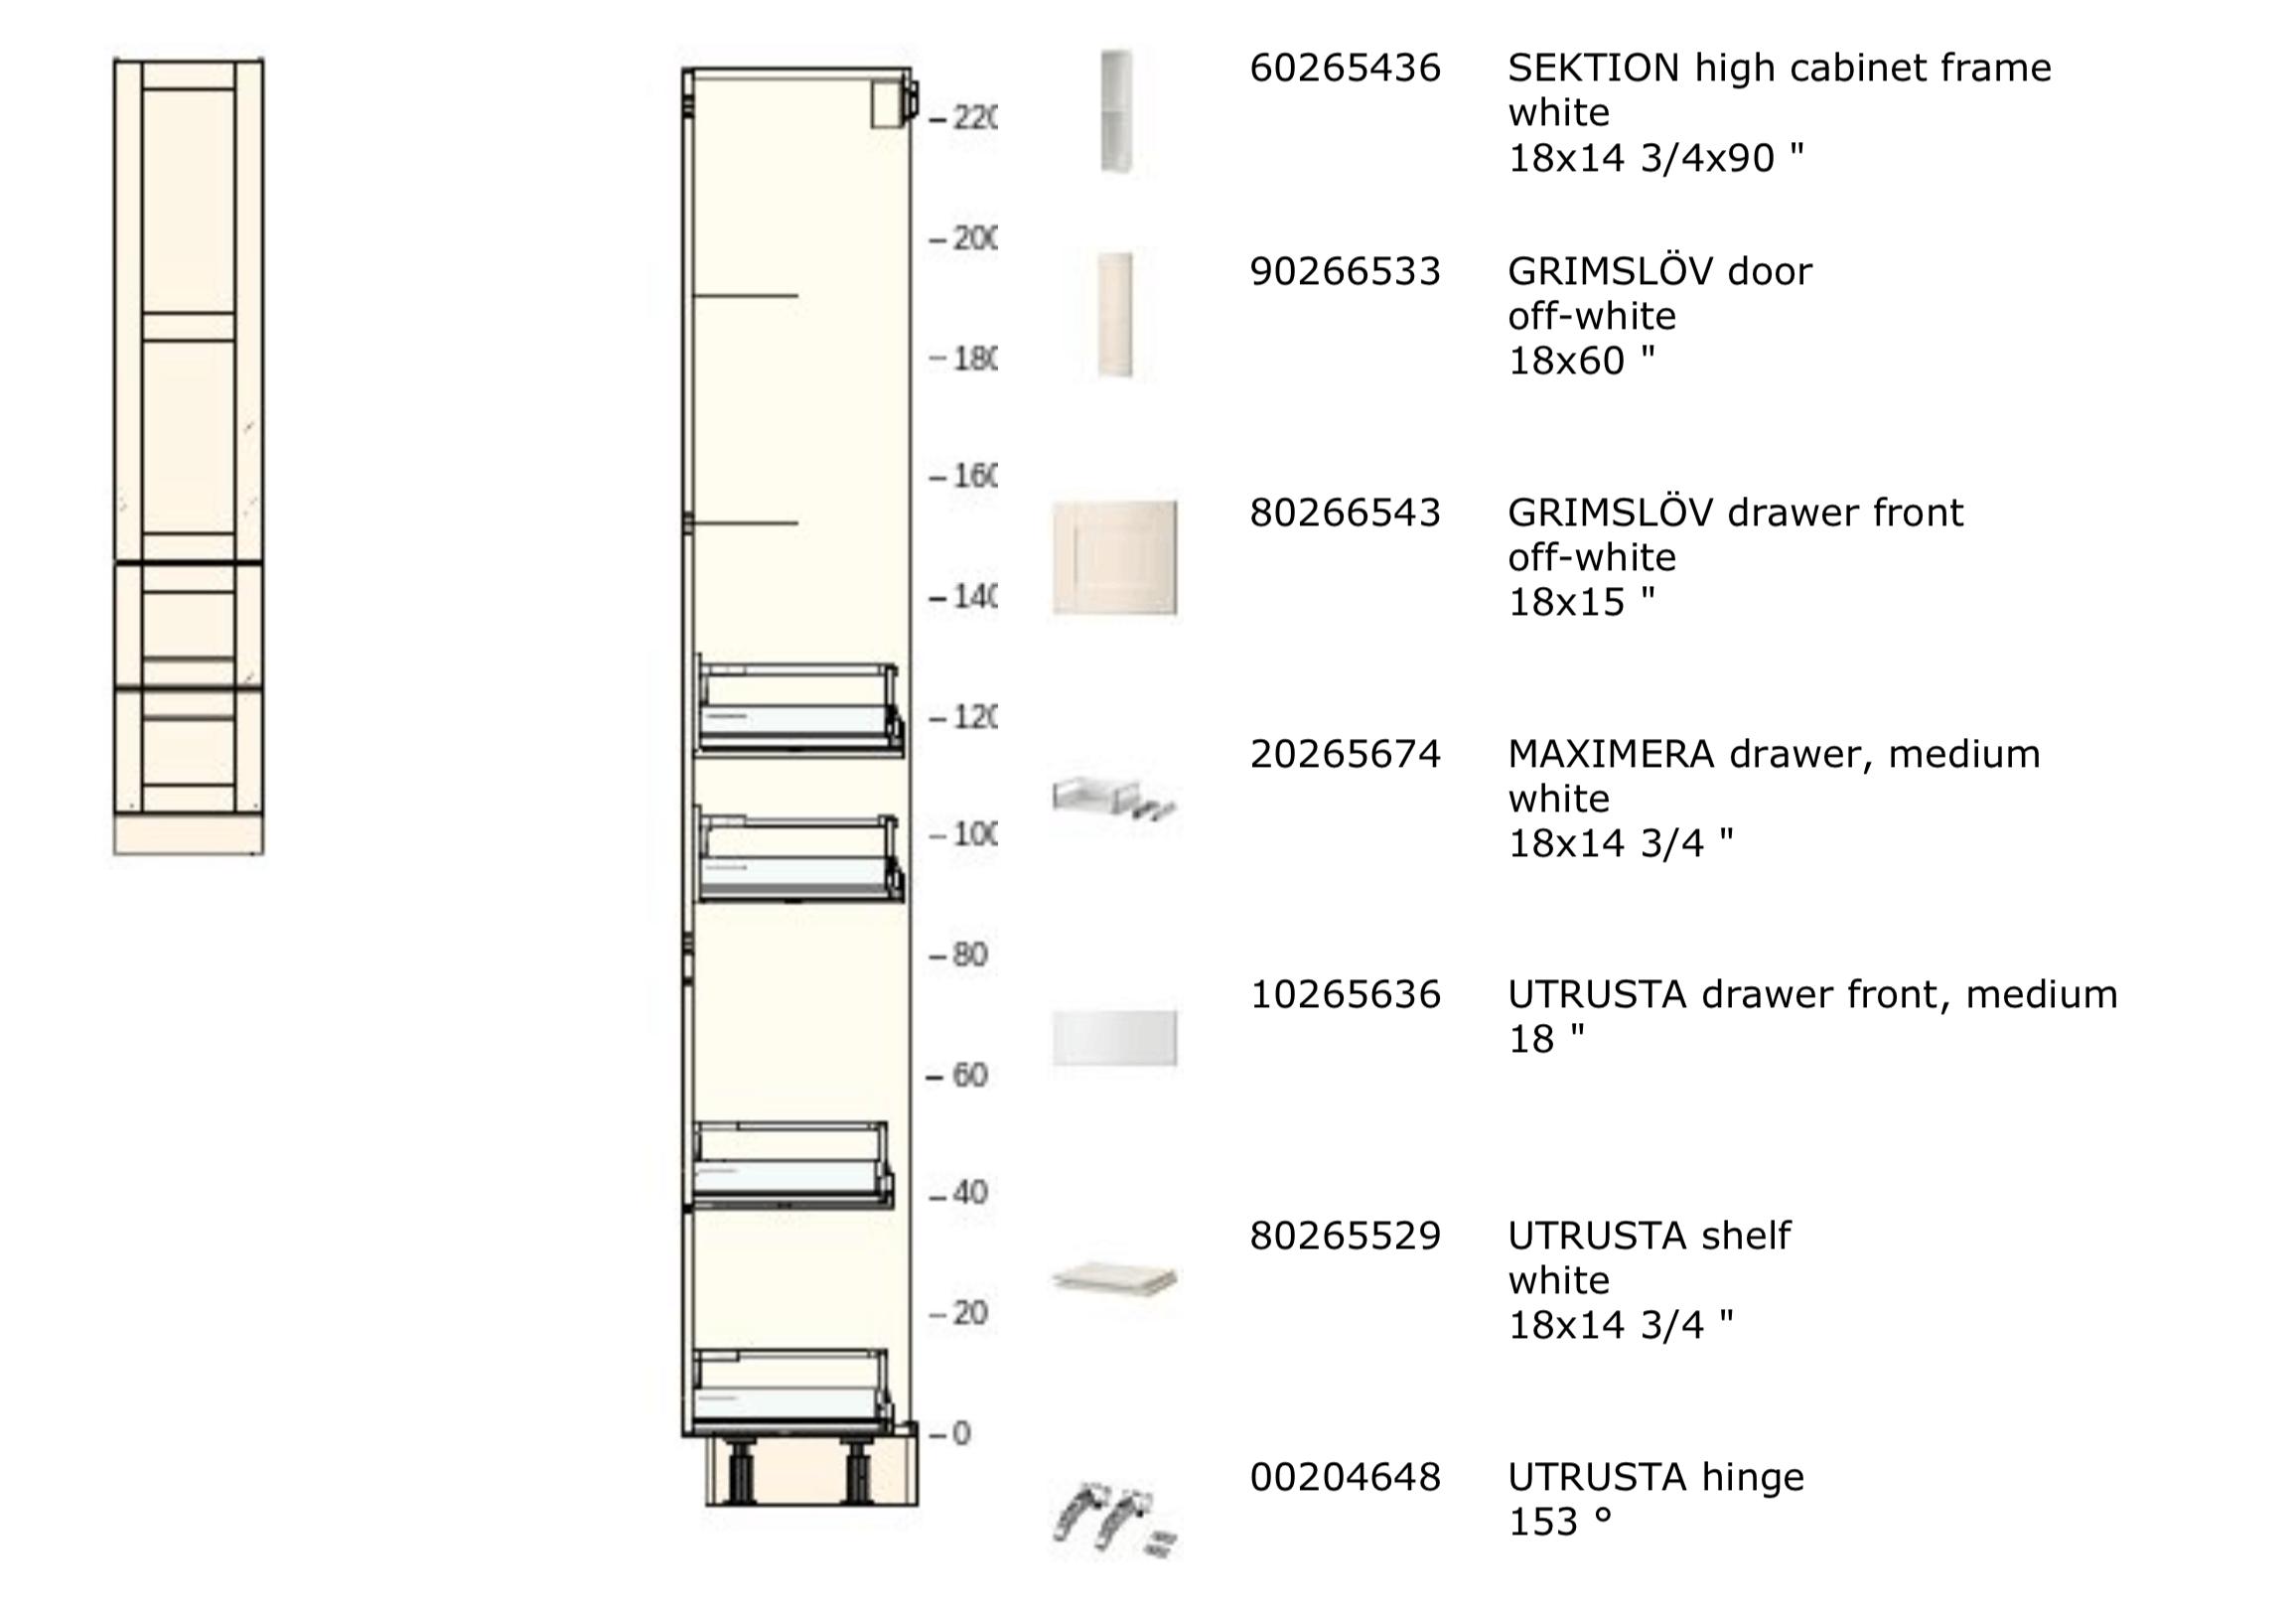 ikea sektion cabinet desk design mockup parts list large cabinet